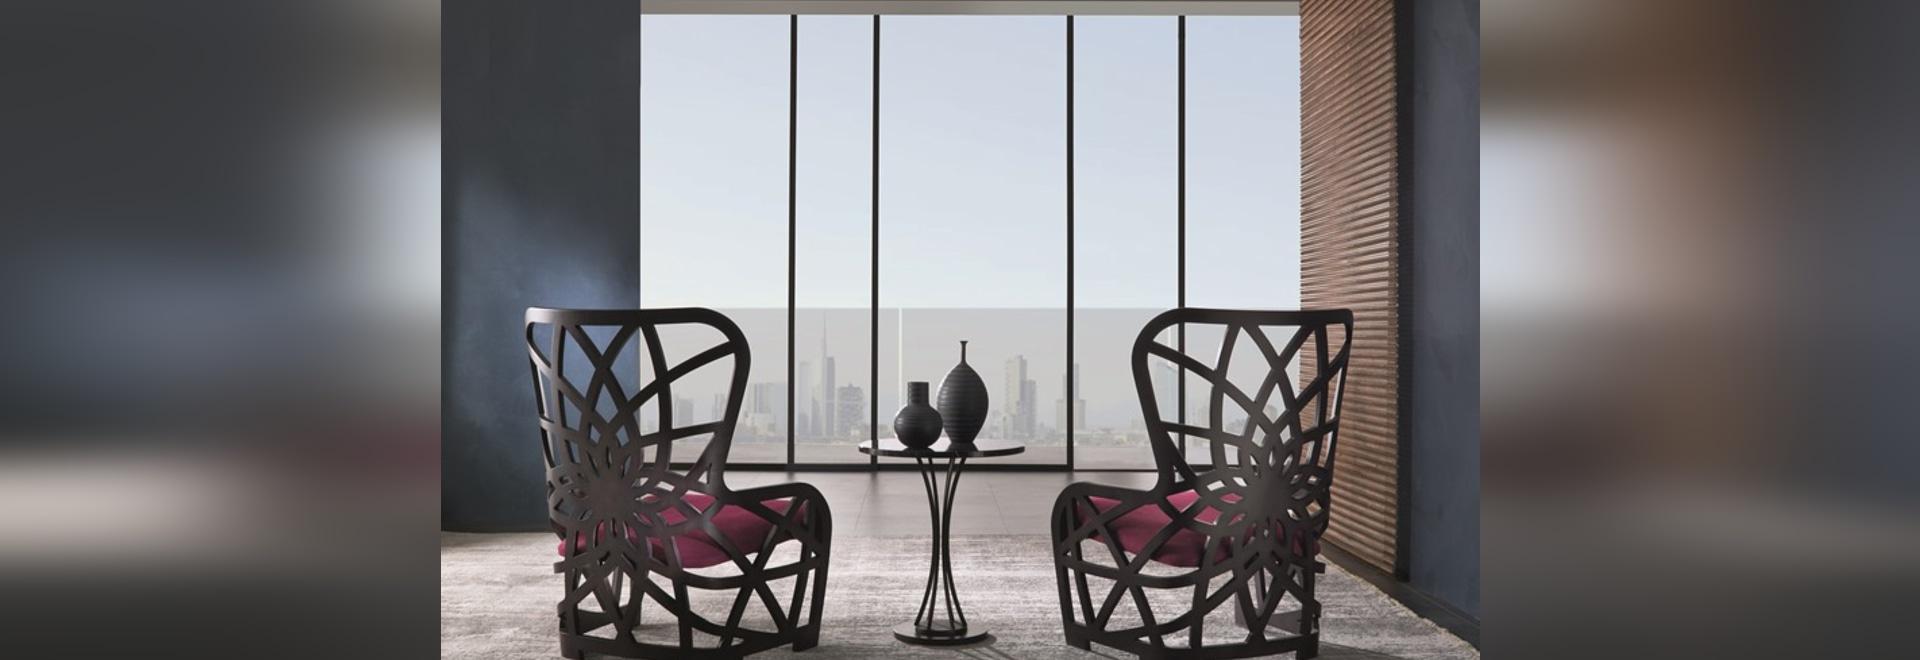 Galileo armchair